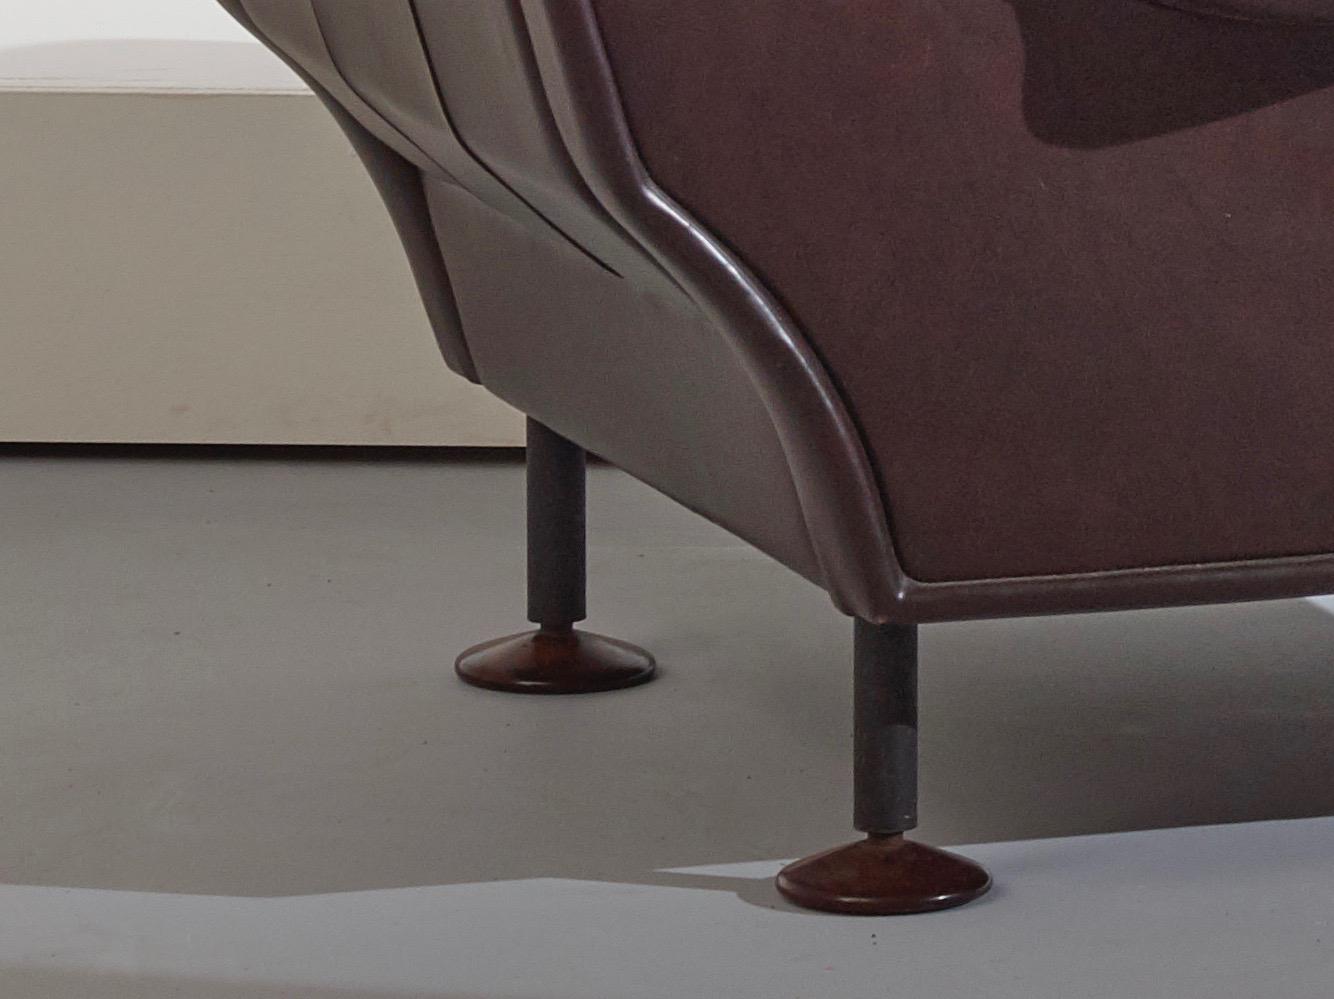 Regent armchairs by Marco Zanuso for Arflex